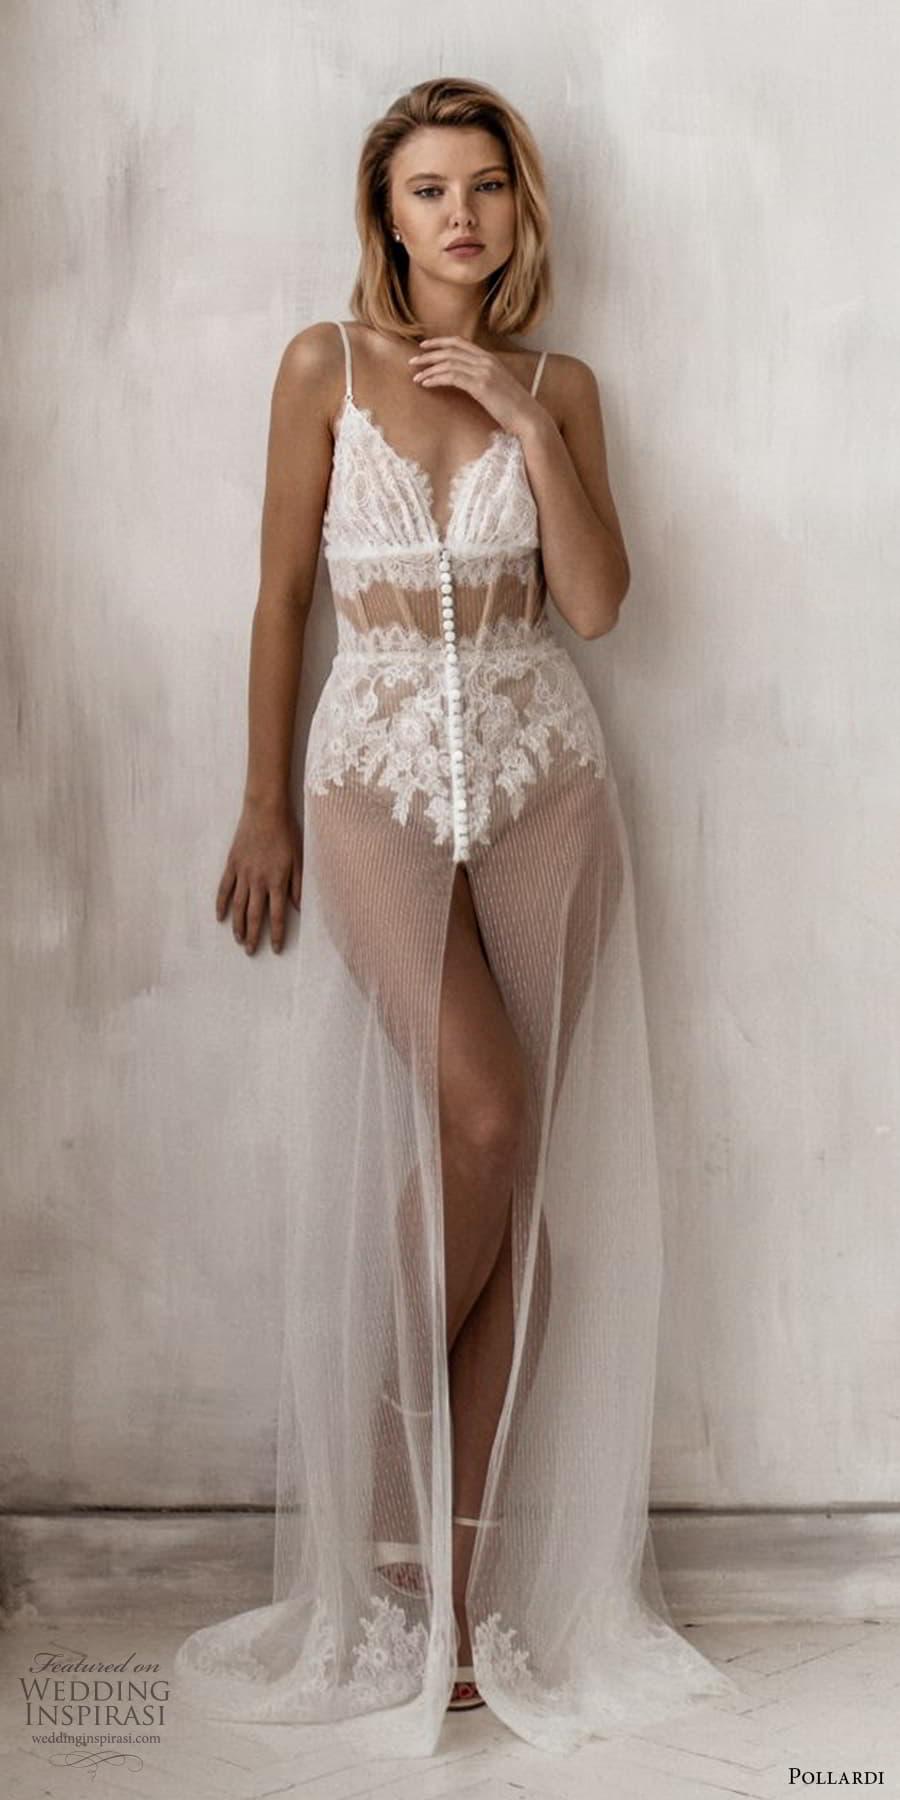 pollardi 2021 boudoir bridal sleeveless straps sweetheart neckline sheer over dress lingeri (12) fv